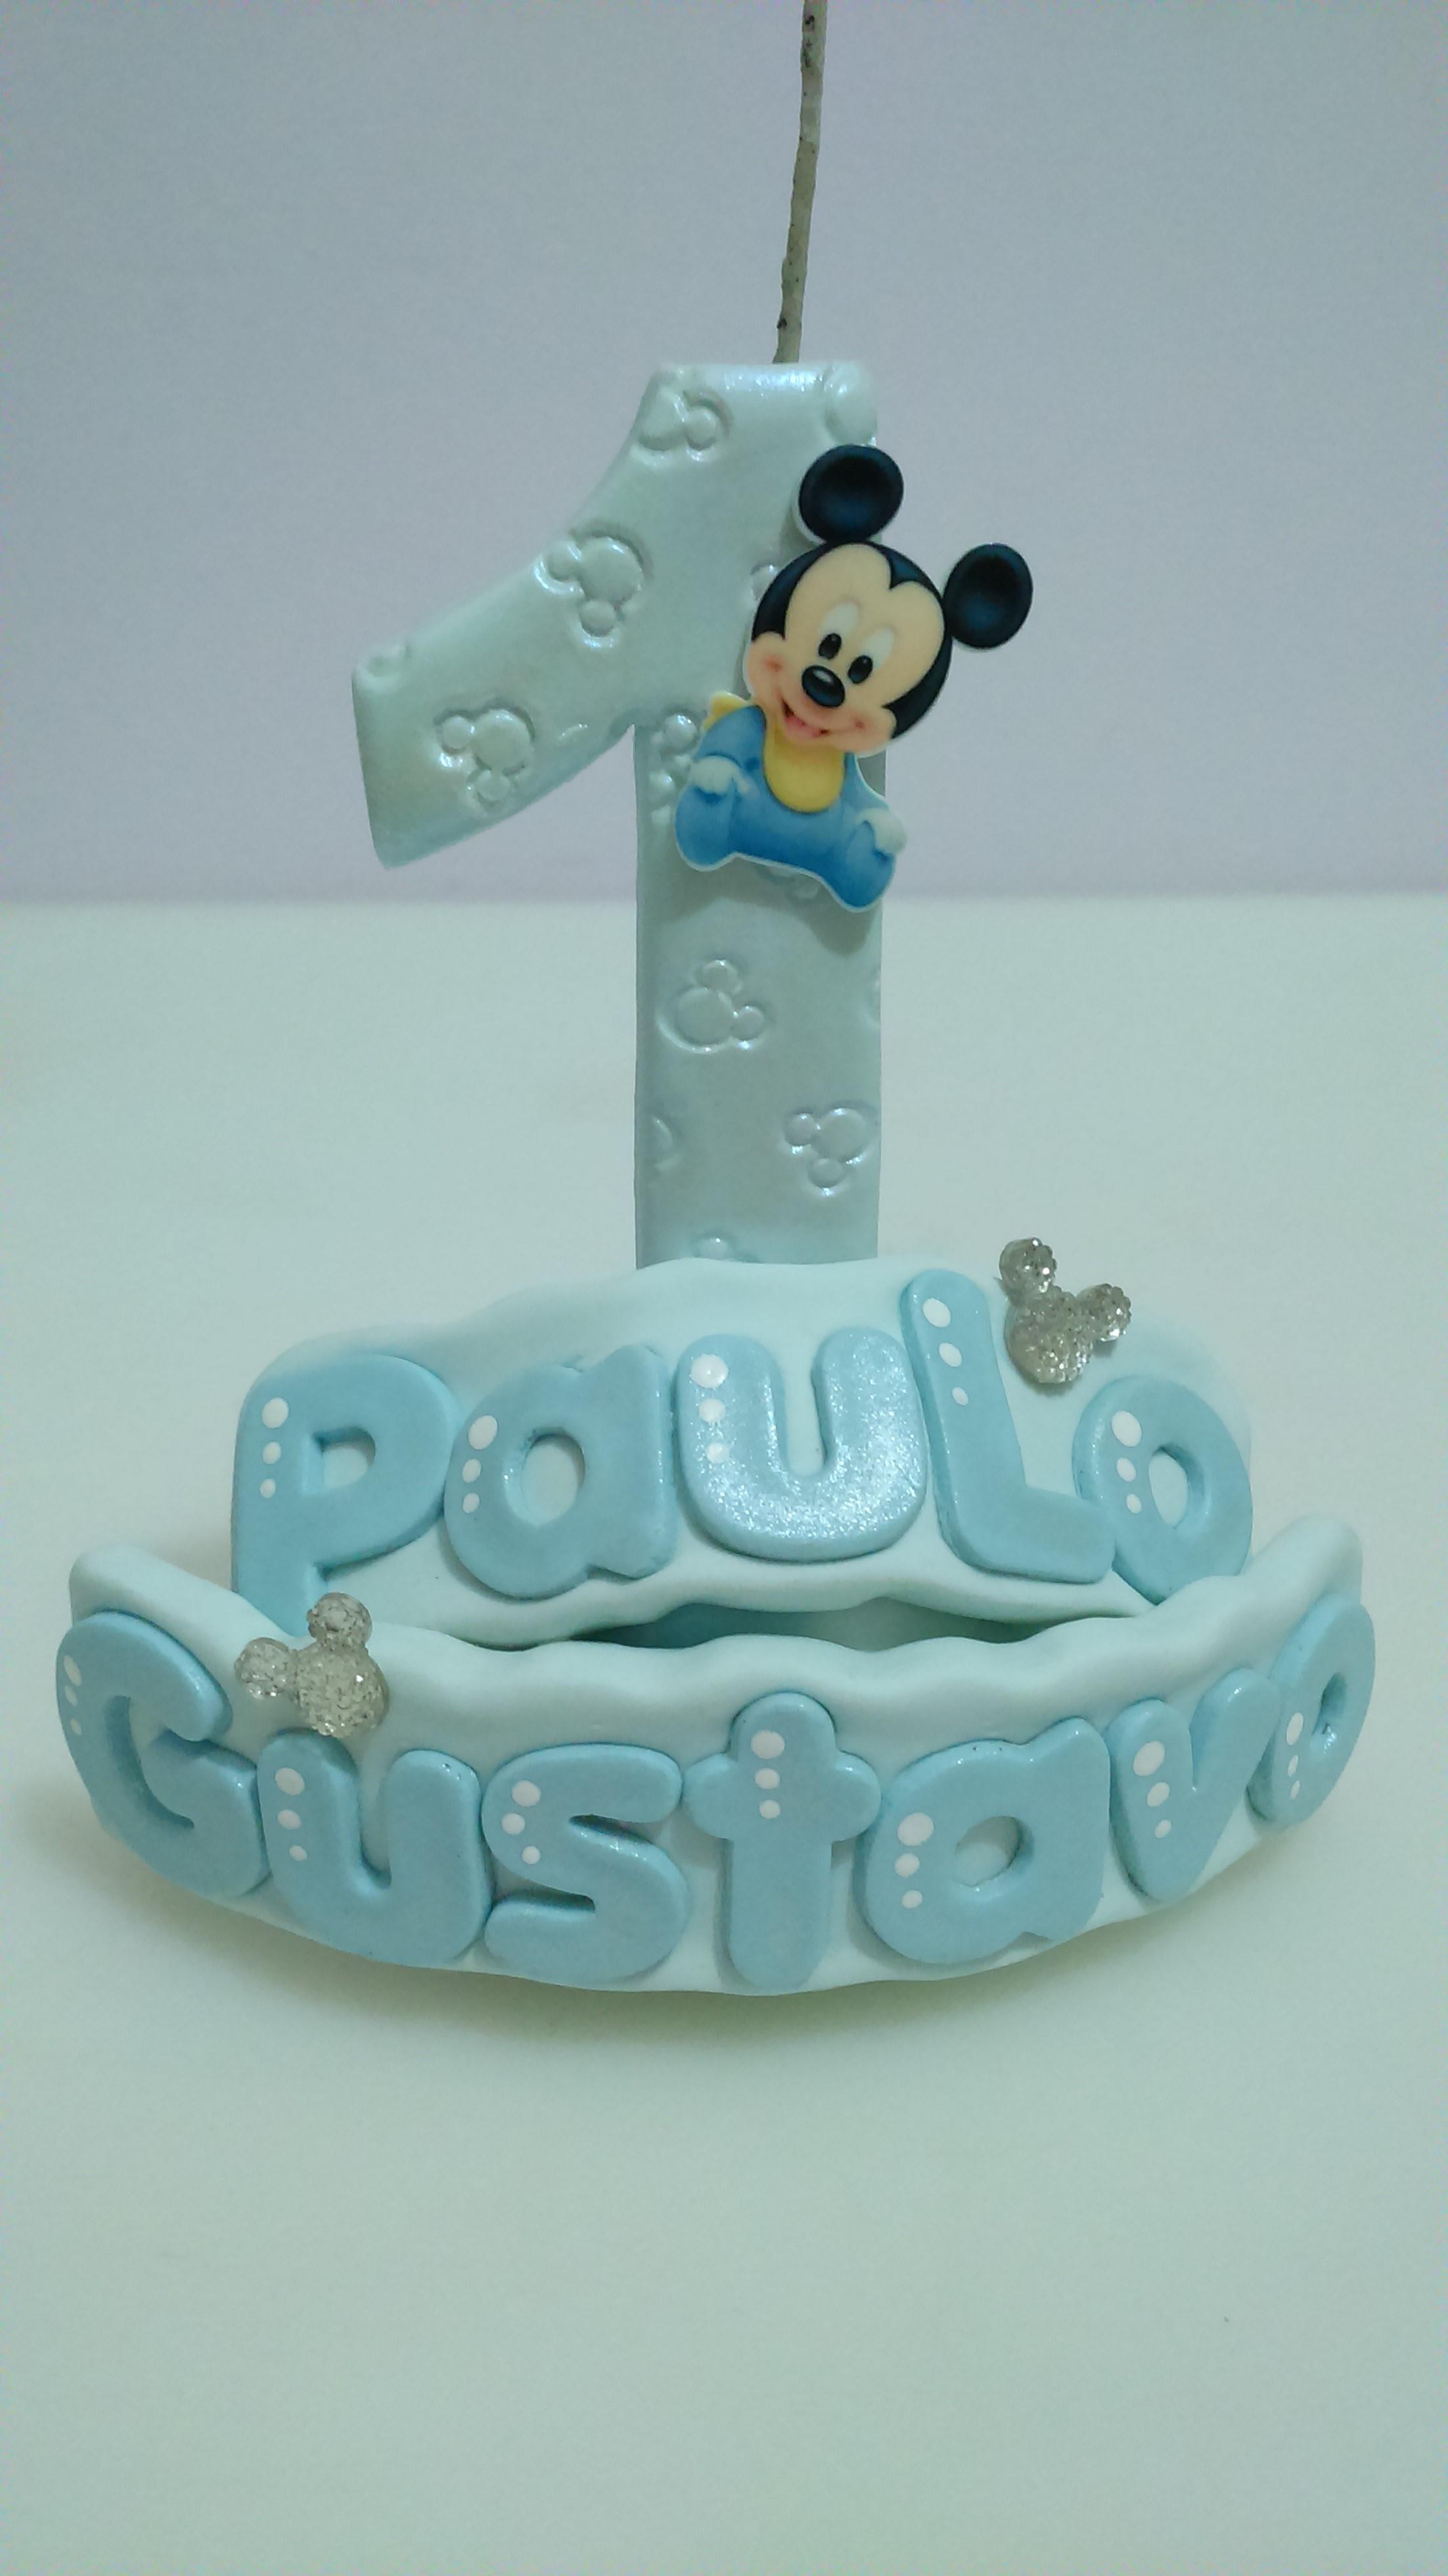 Vela Personalizada Baby Disney Mickey No Elo7 Art Di Cris